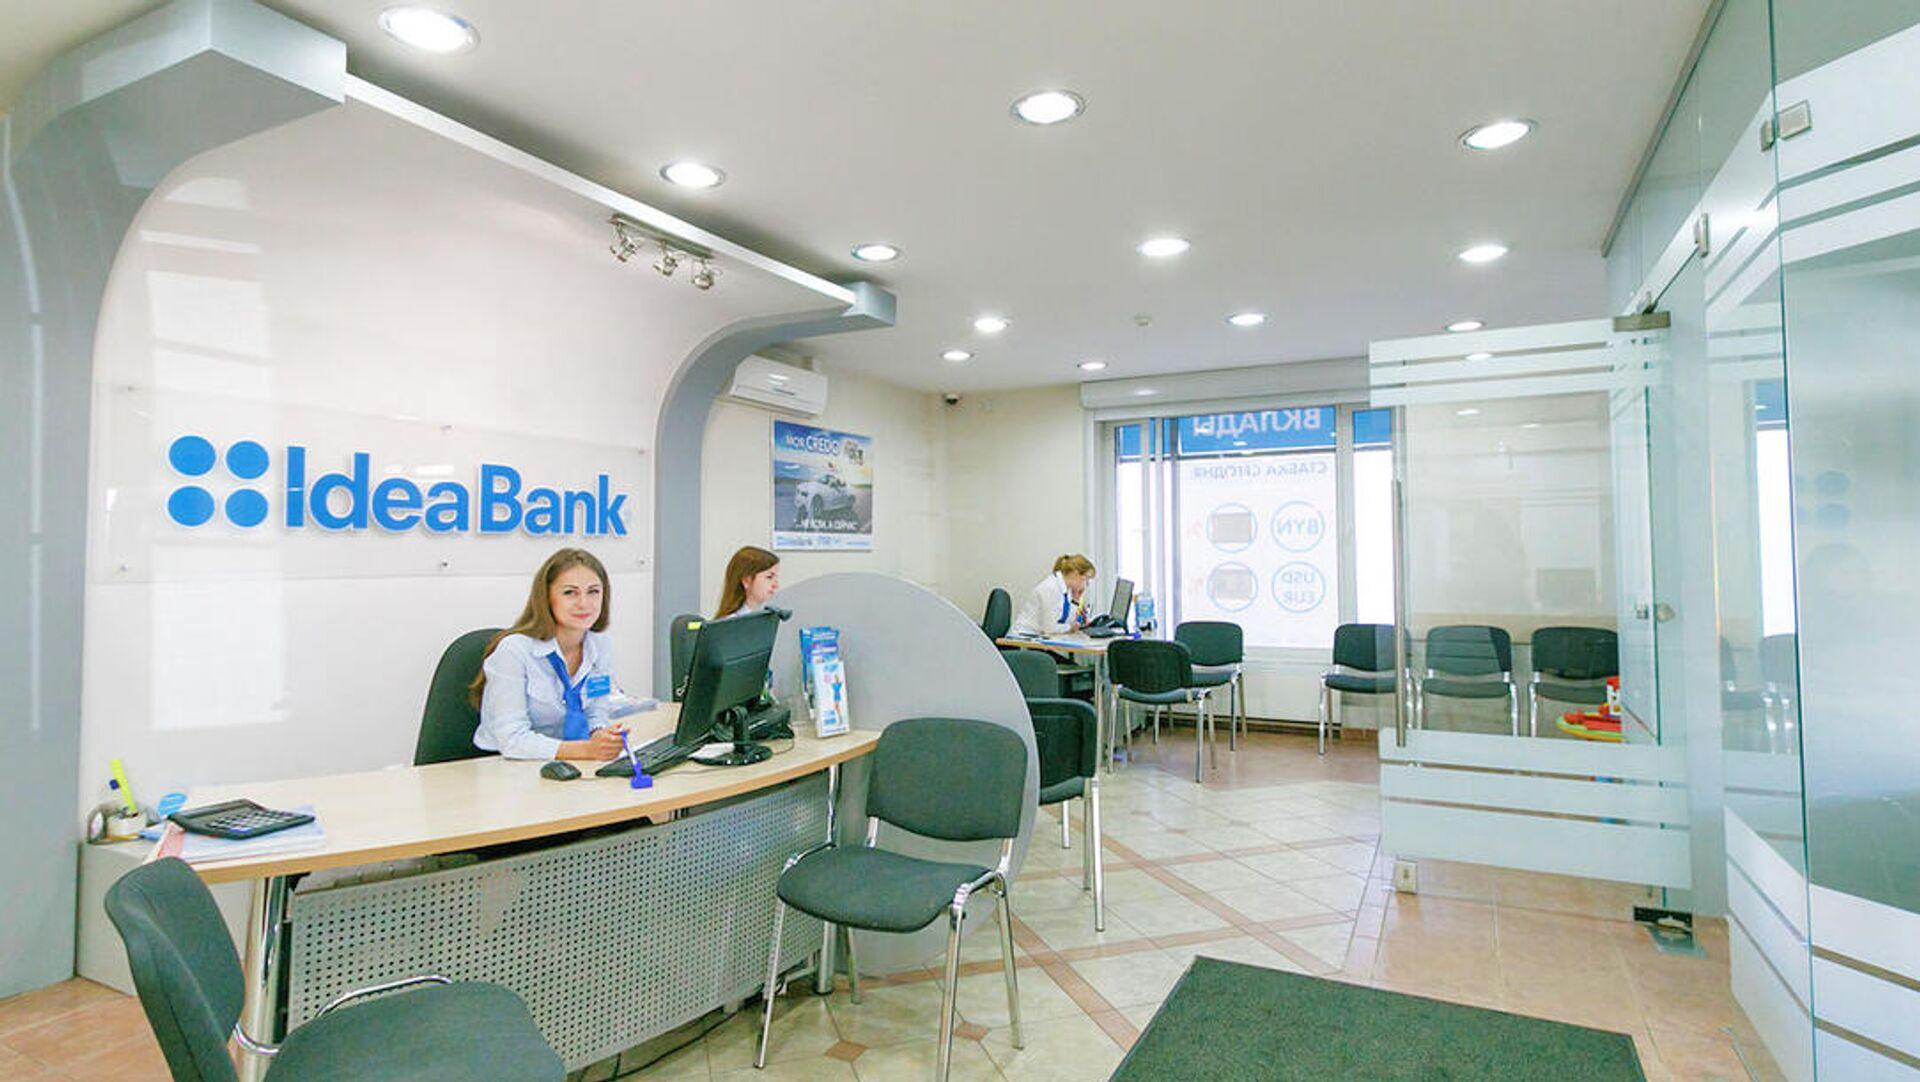 Отделение Идея Банка в Минске - Sputnik Беларусь, 1920, 22.09.2021